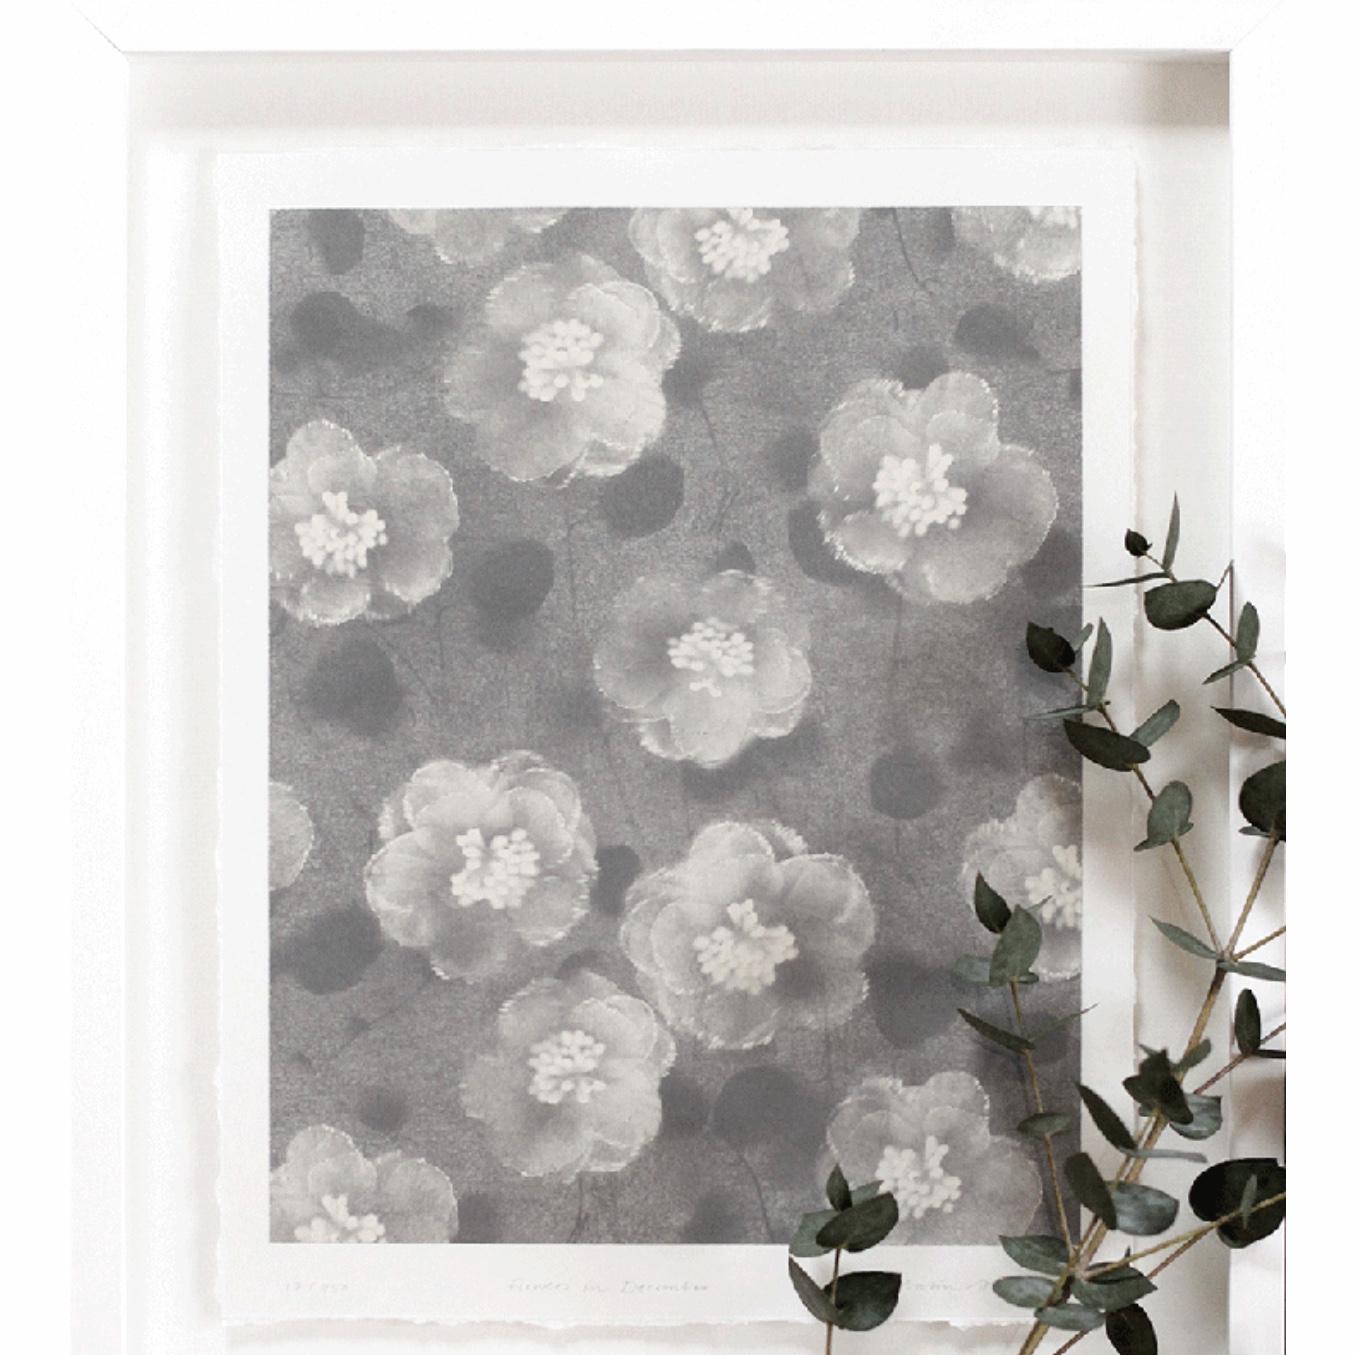 Malin Signahl, Flowers in December